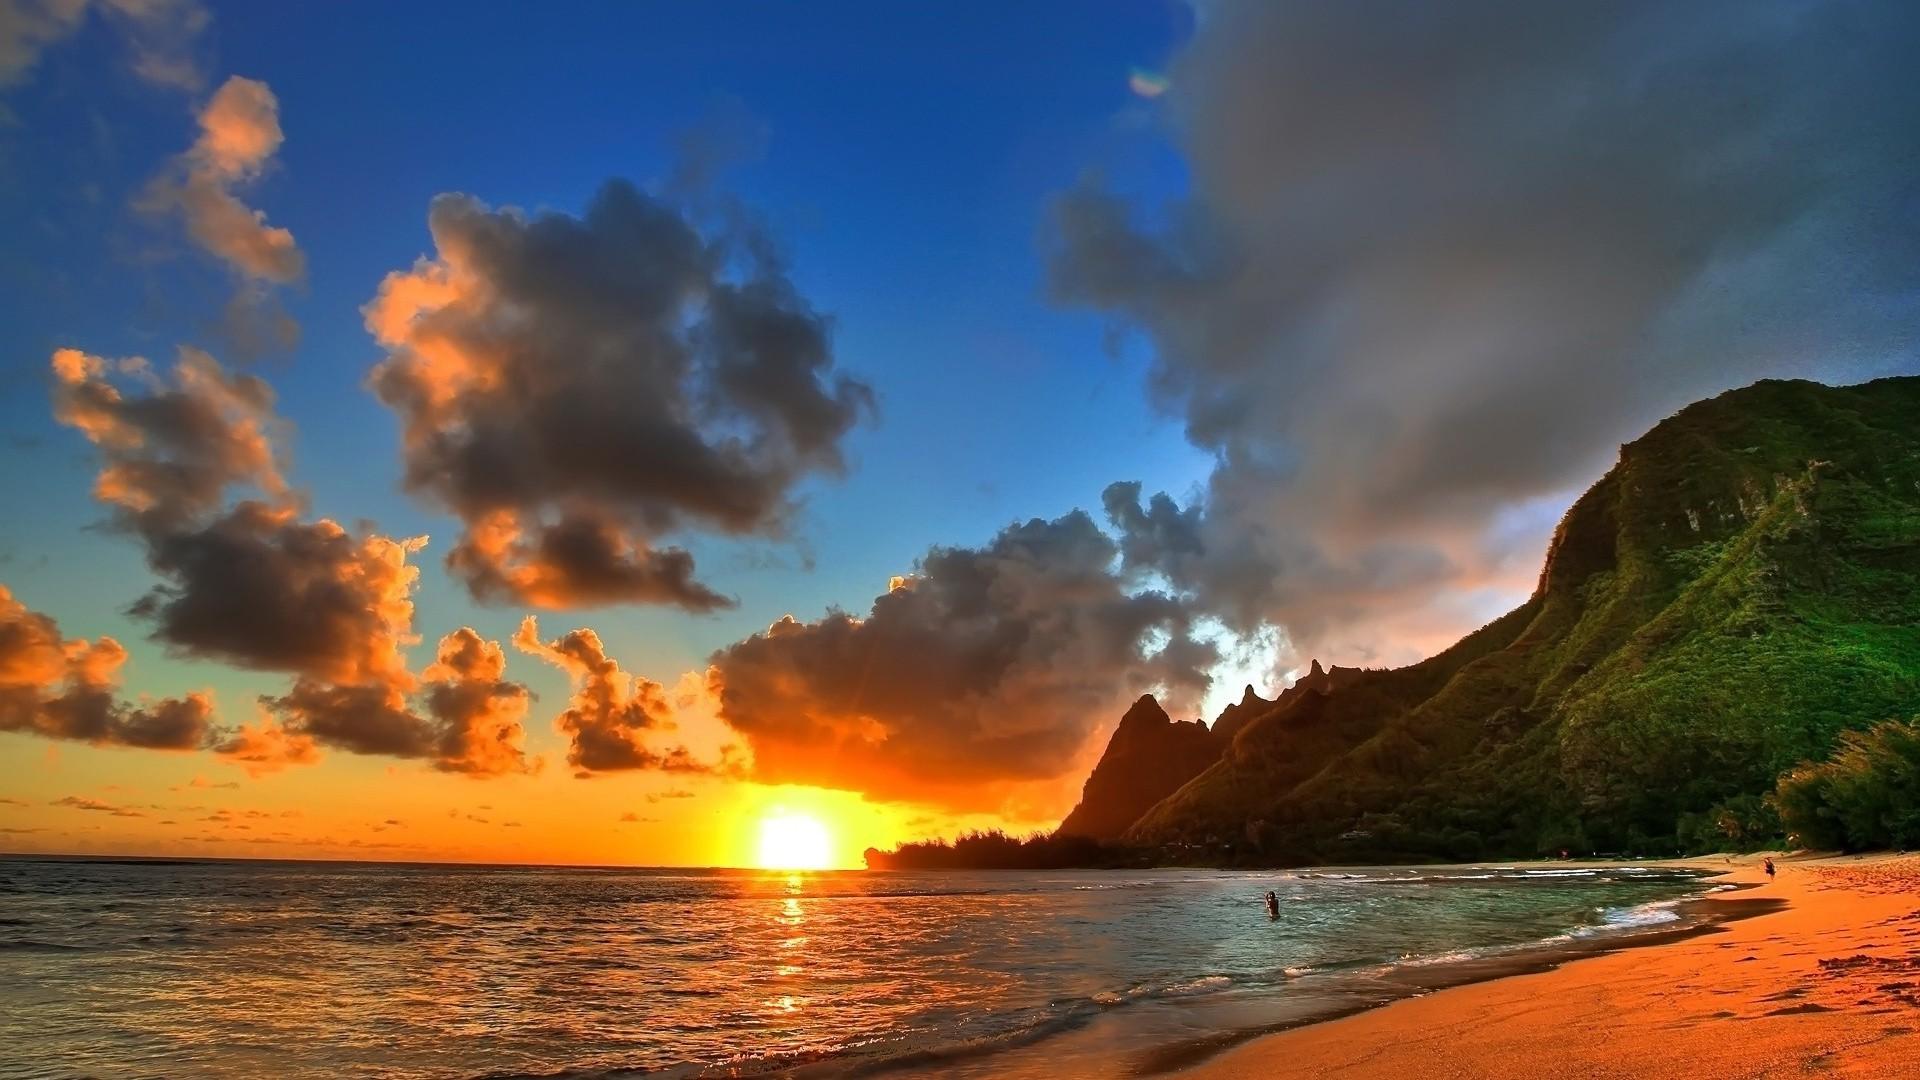 Delightful Nature Beach Wwallpaper: Beautiful Beach Sunset HD Wallpapers